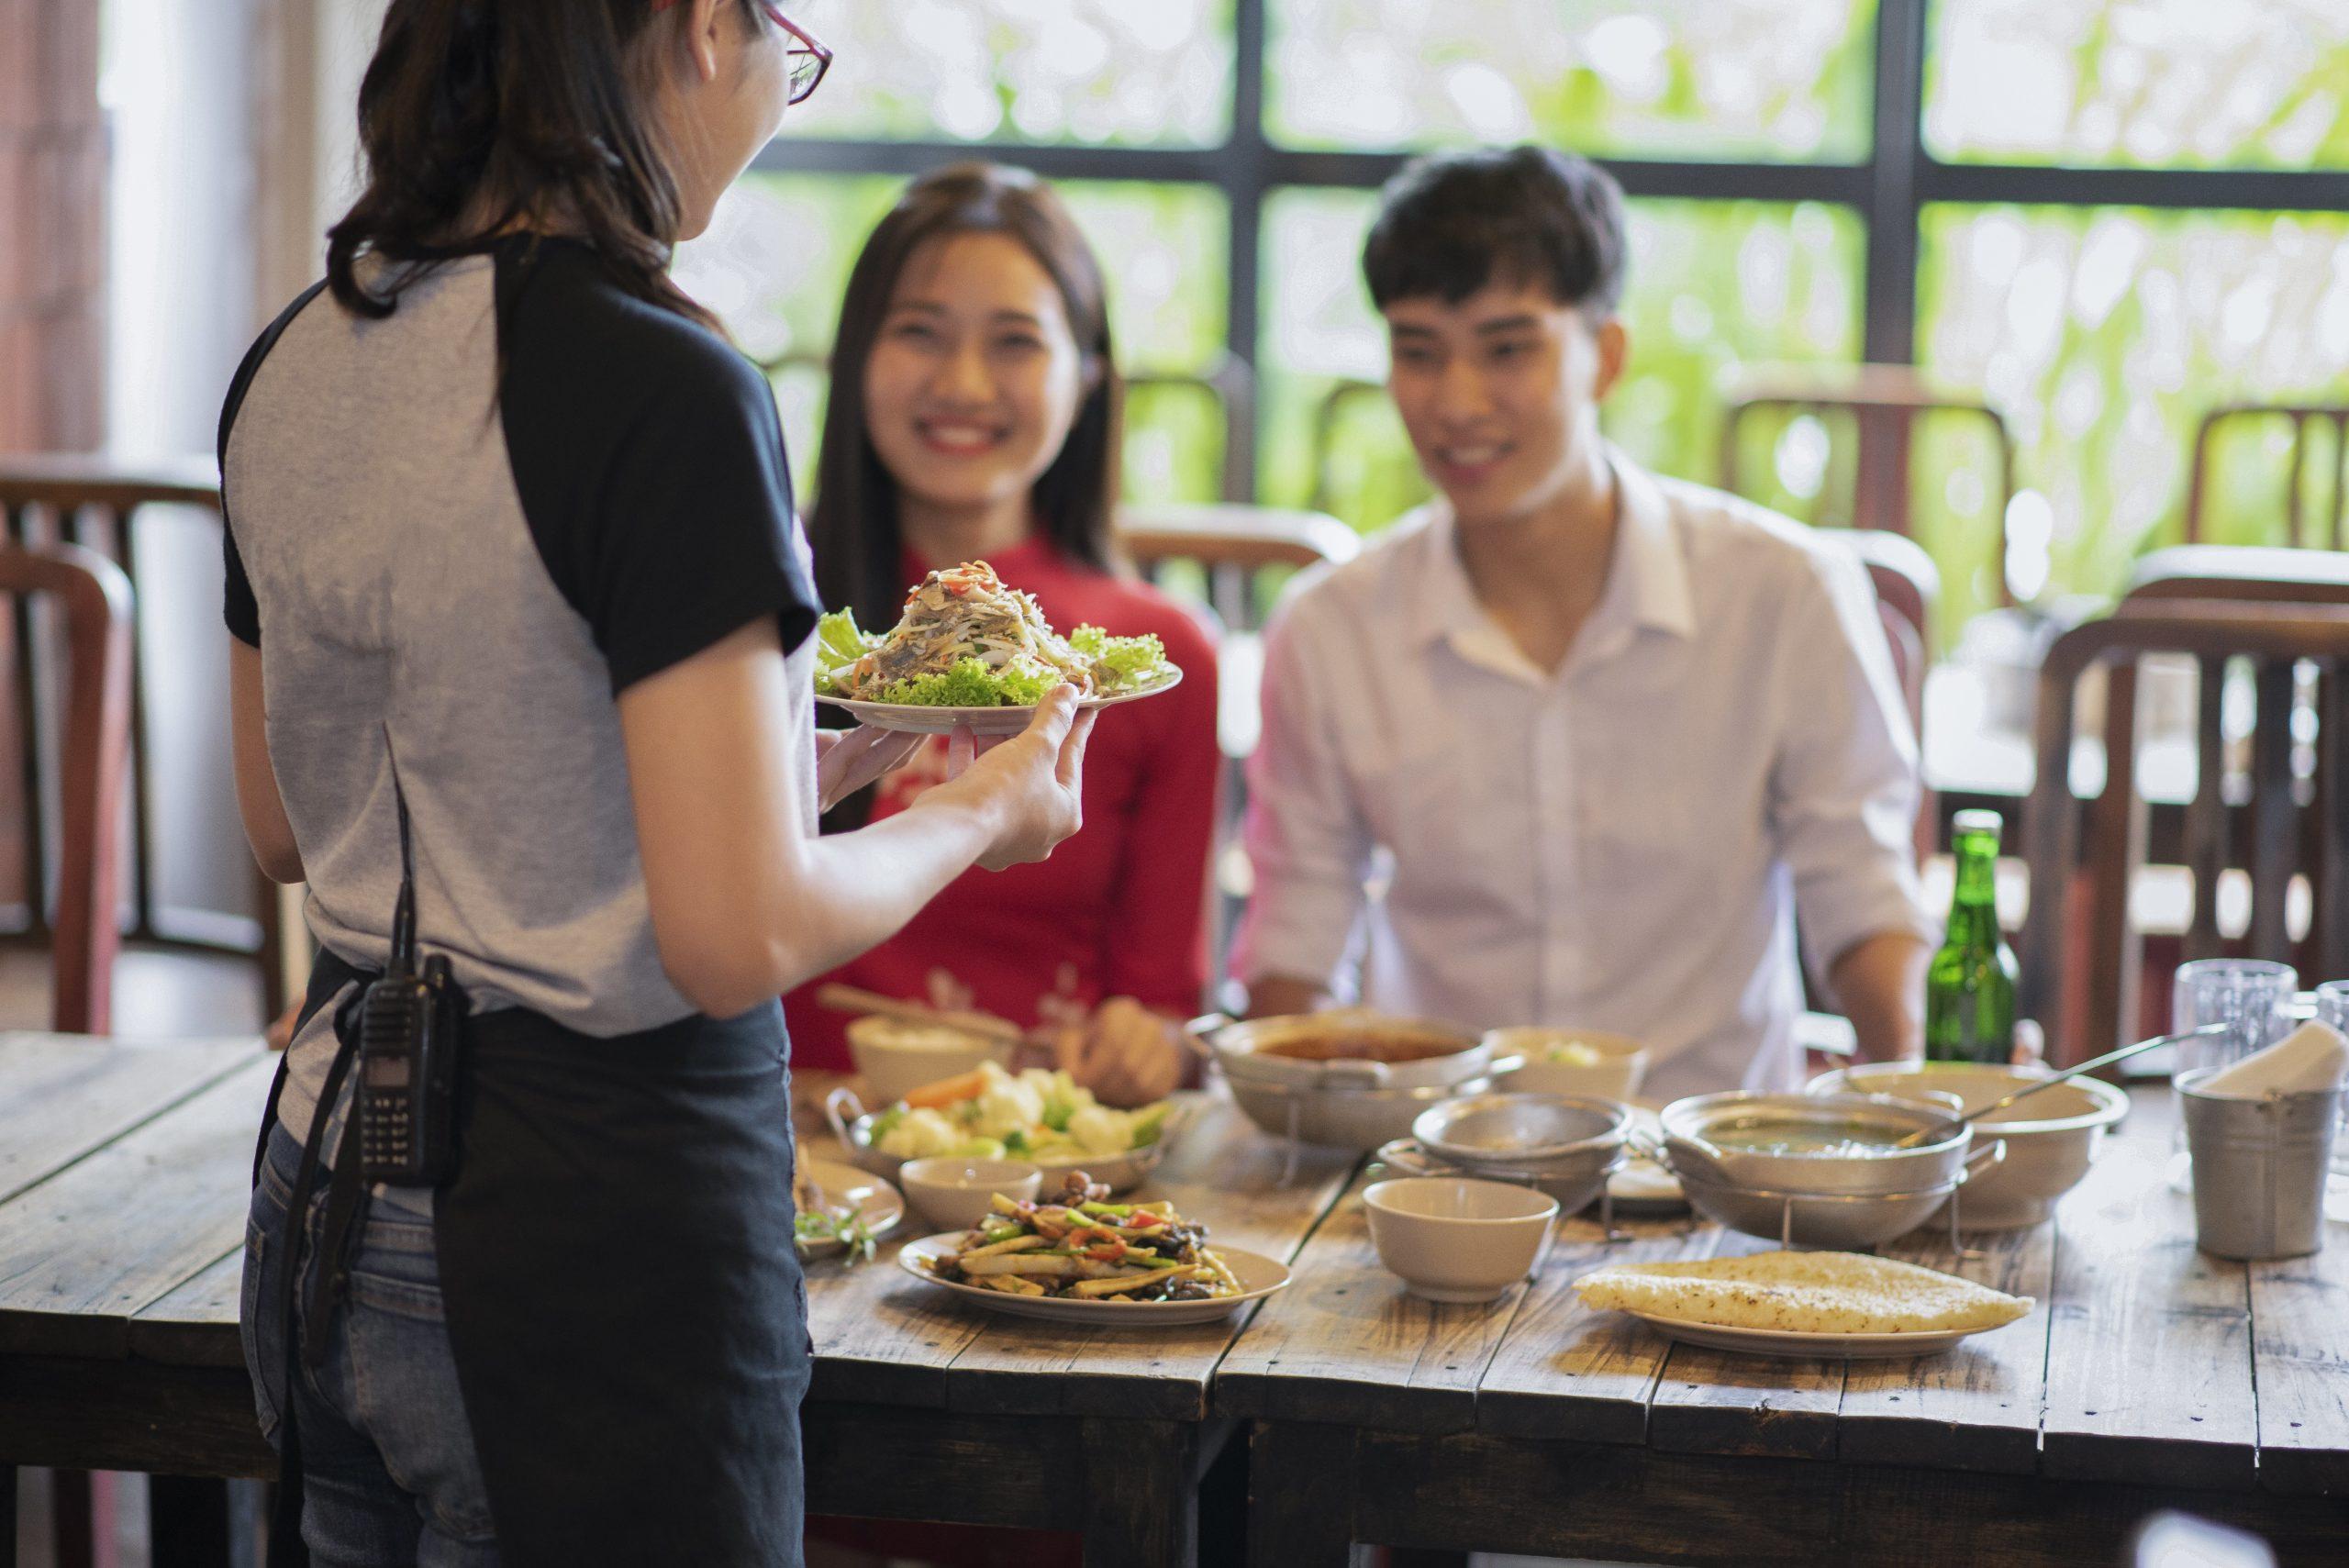 【アルバイト体験談インタビュー】イタリアンレストランのホールスタッフとして